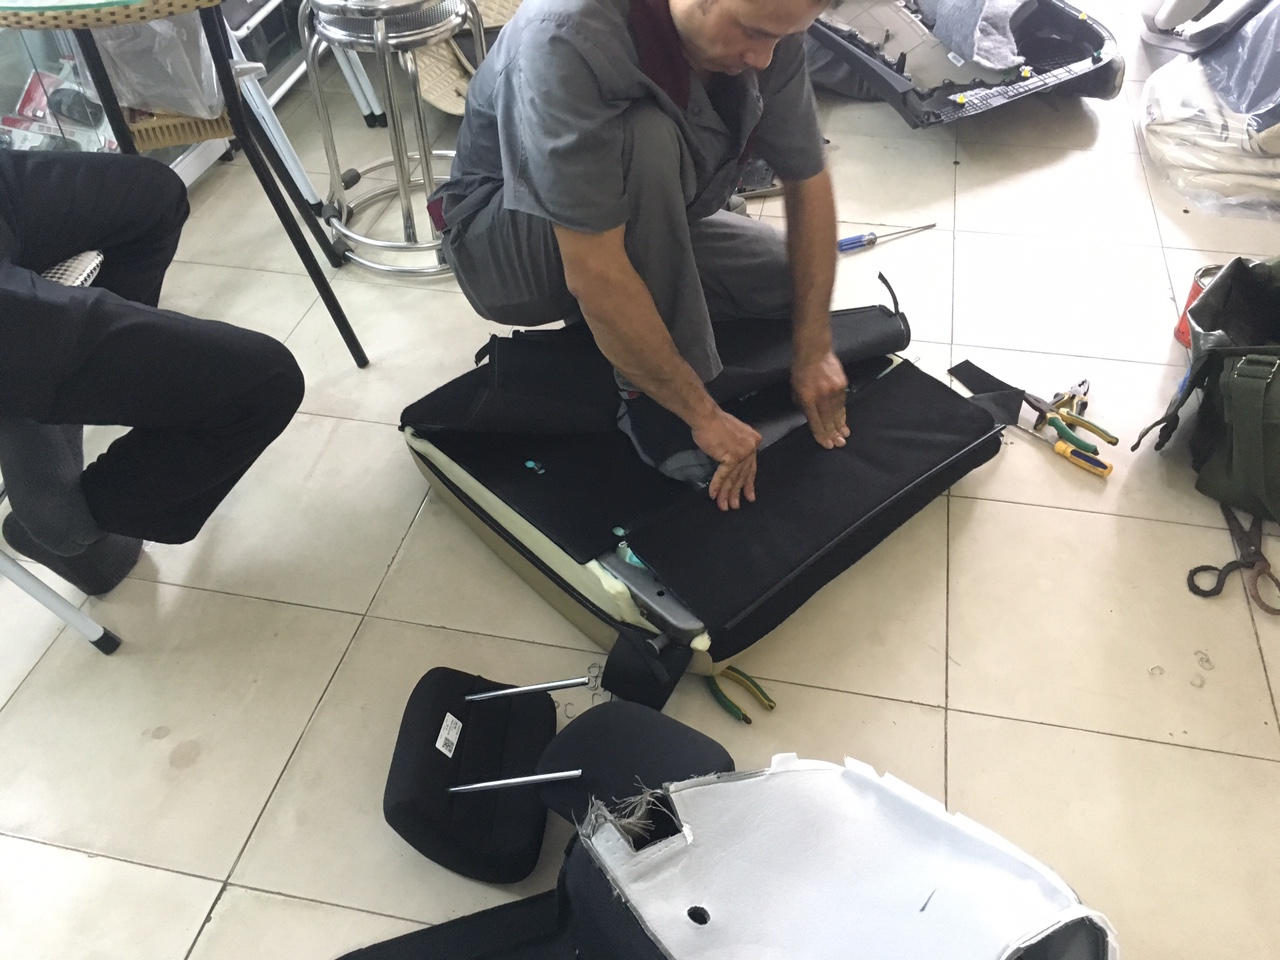 Quy trình bọc ghế da thật cho ô tô tại Rambo Auto - Xưởng may ghế da uy tín, lâu năm tại Hà Nội